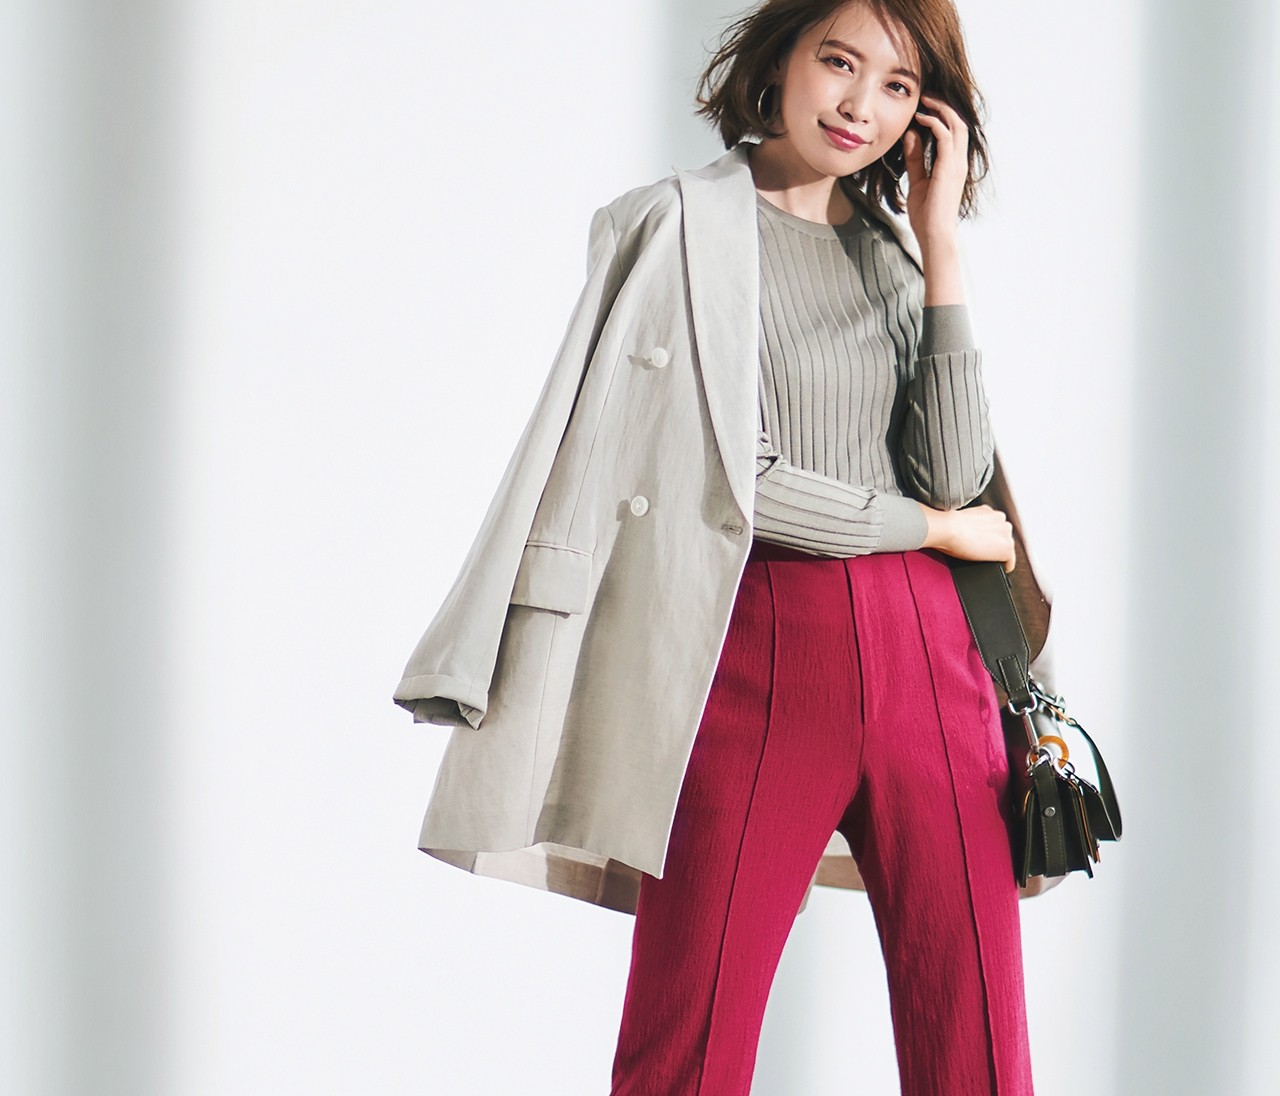 【スタメン派手服】<きれい色パンツ>で洗練着こなし5コーデ